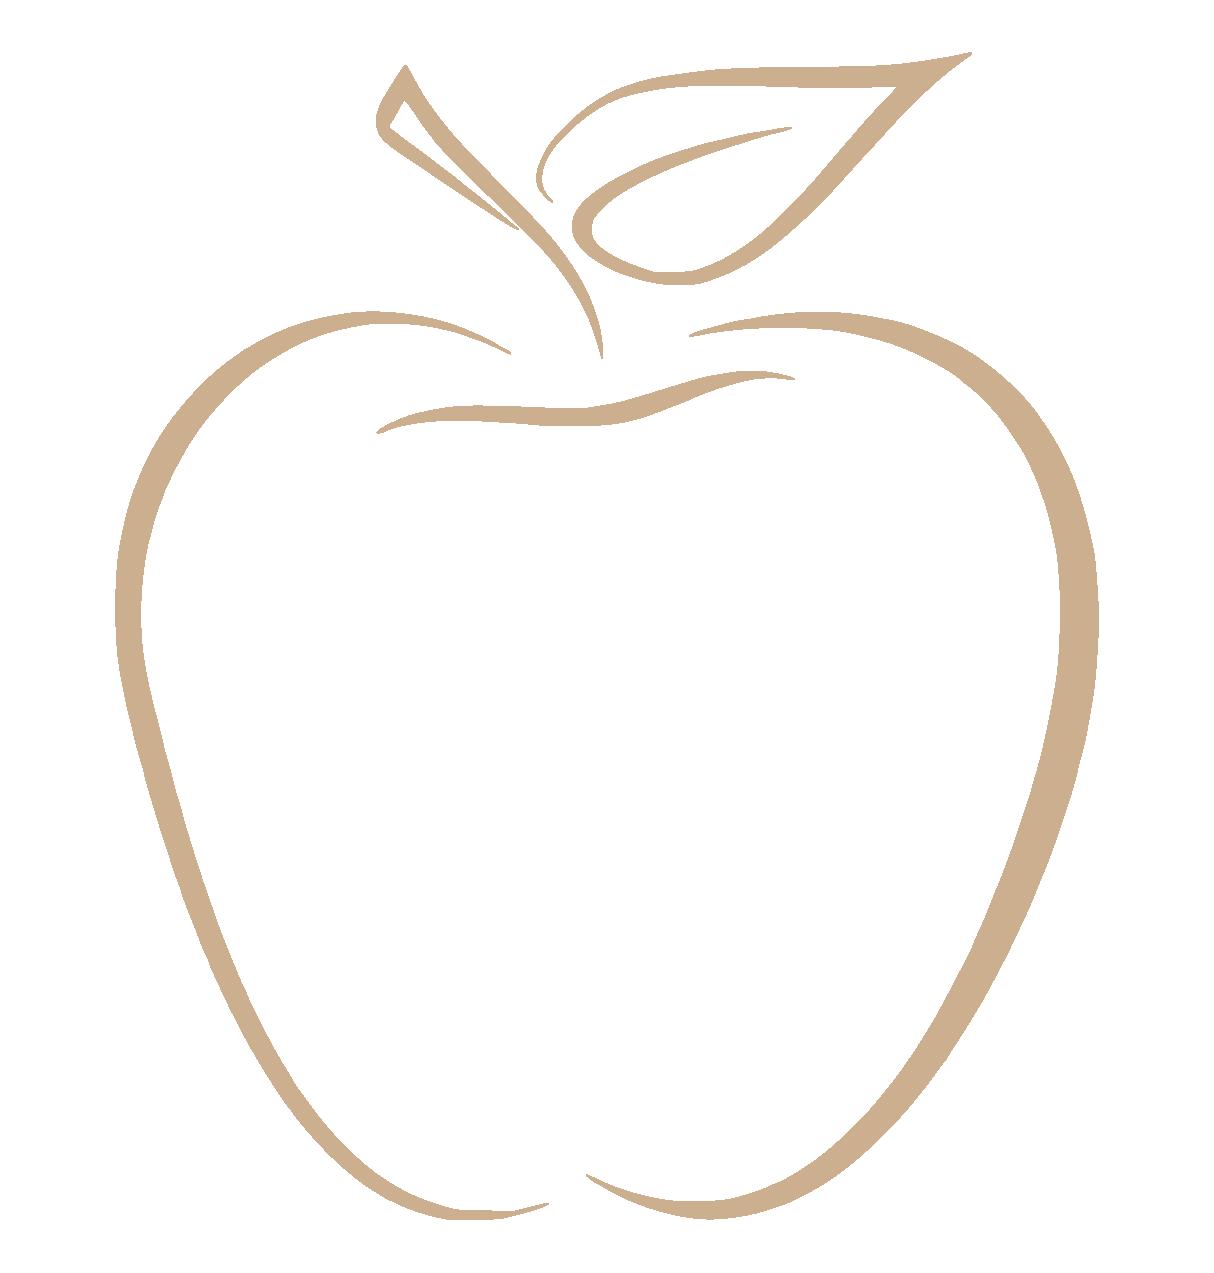 Æble - Clinique Eden